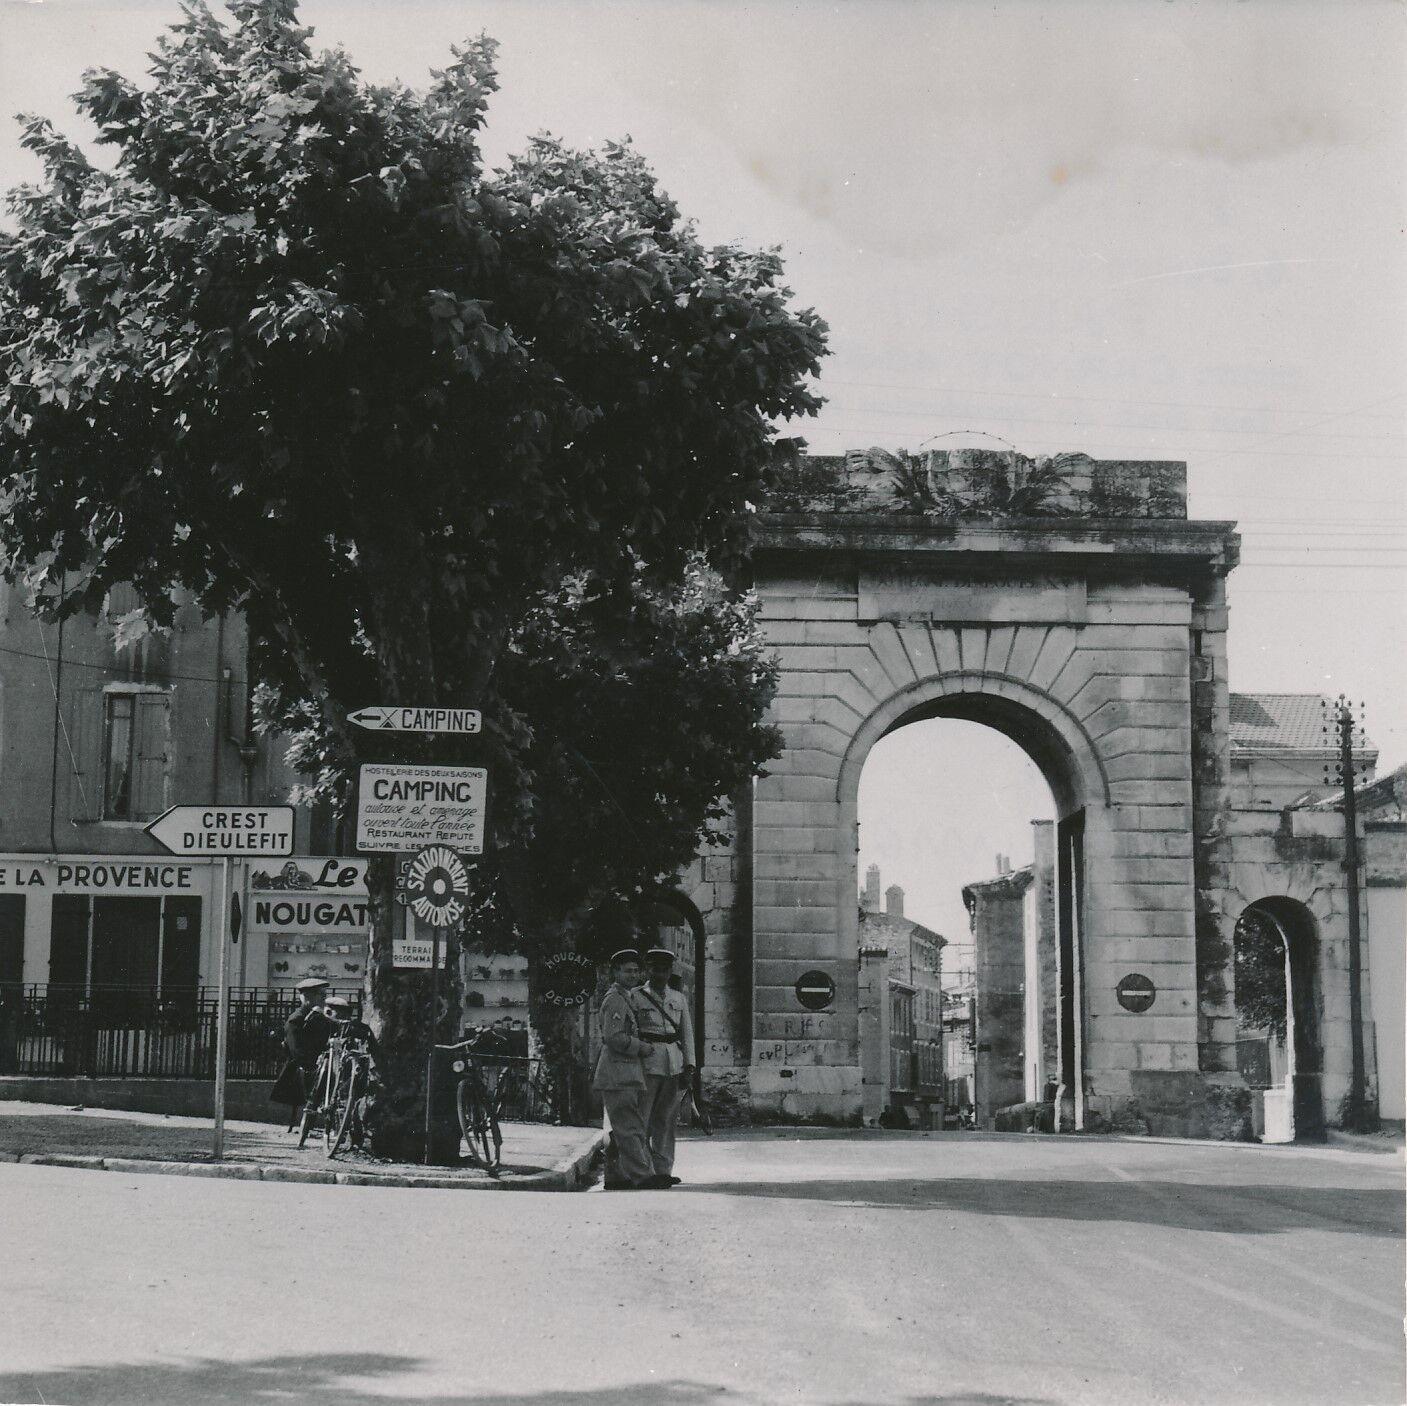 MONTÉLIMAR c. 1950 - Gendarmes  La Porte St Martin  Drôme - Div 7871